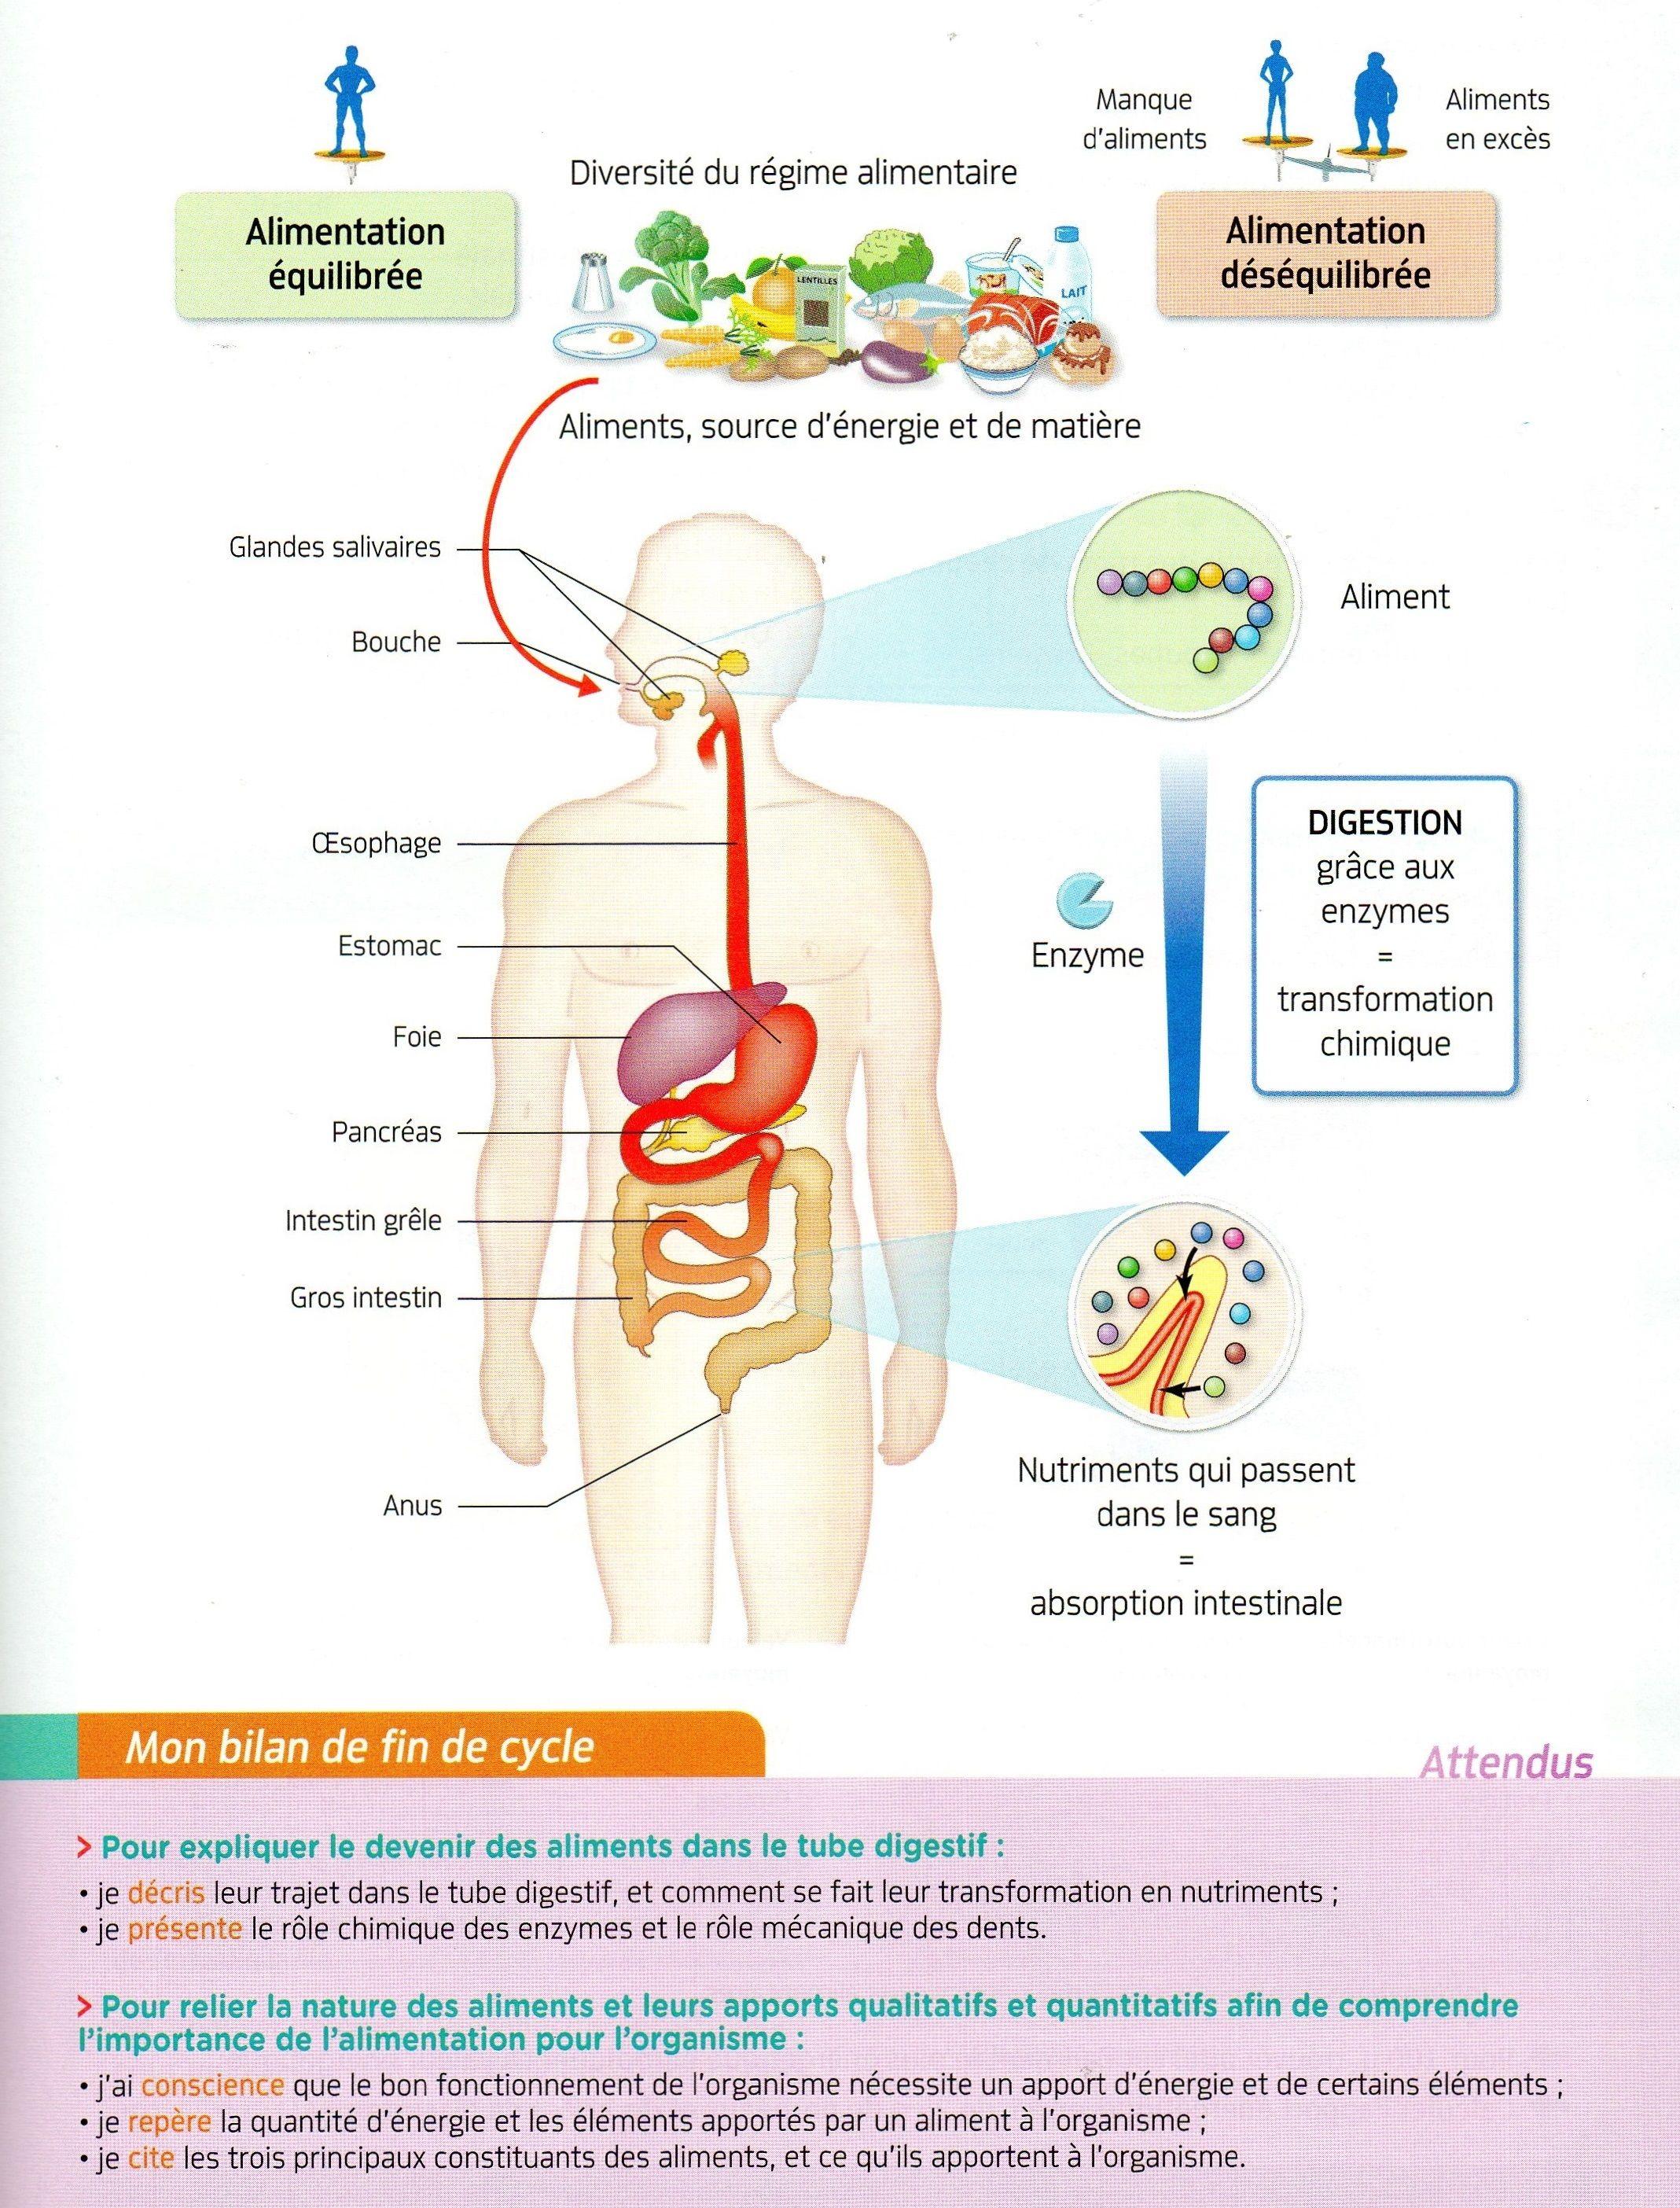 Le Corps Humain Et La Sante : corps, humain, sante, Thème, Corps, Humain, Santé., Alimentation, Digestion.jpg, (2137×2808), Education